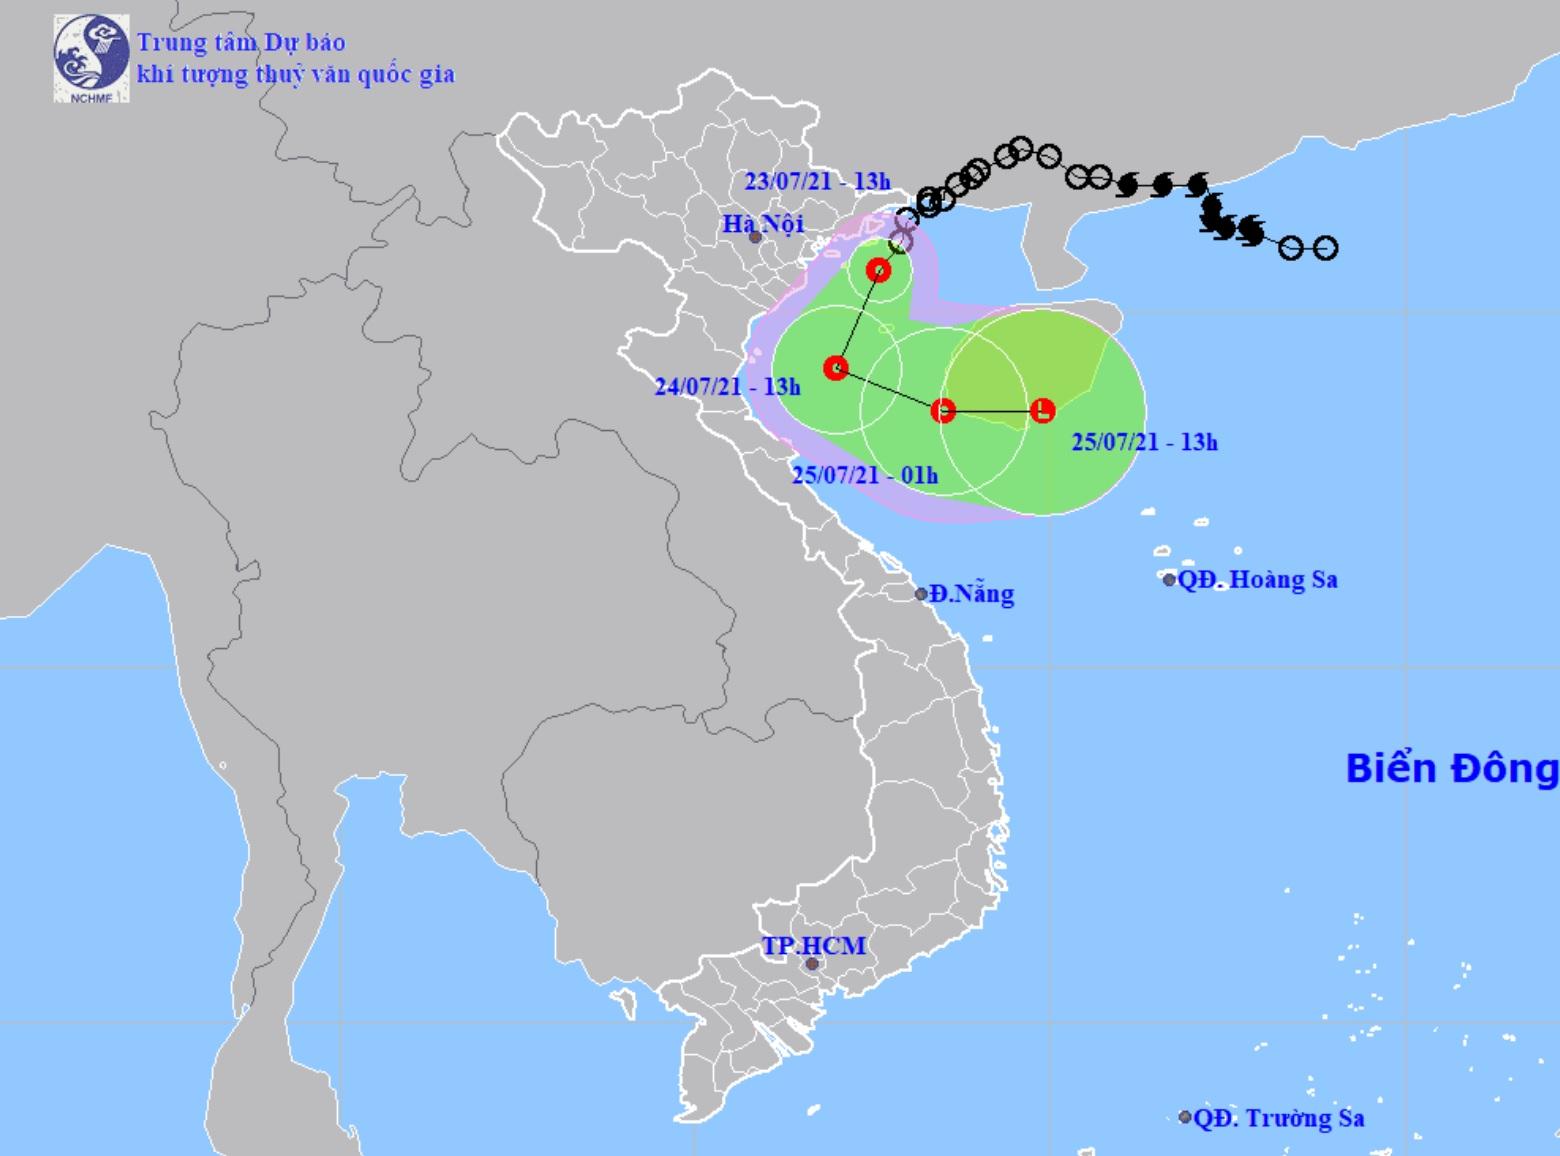 Áp thấp nhiệt đới chạy dọc ven biển, miền Bắc và miền Trung mưa lớn - 1